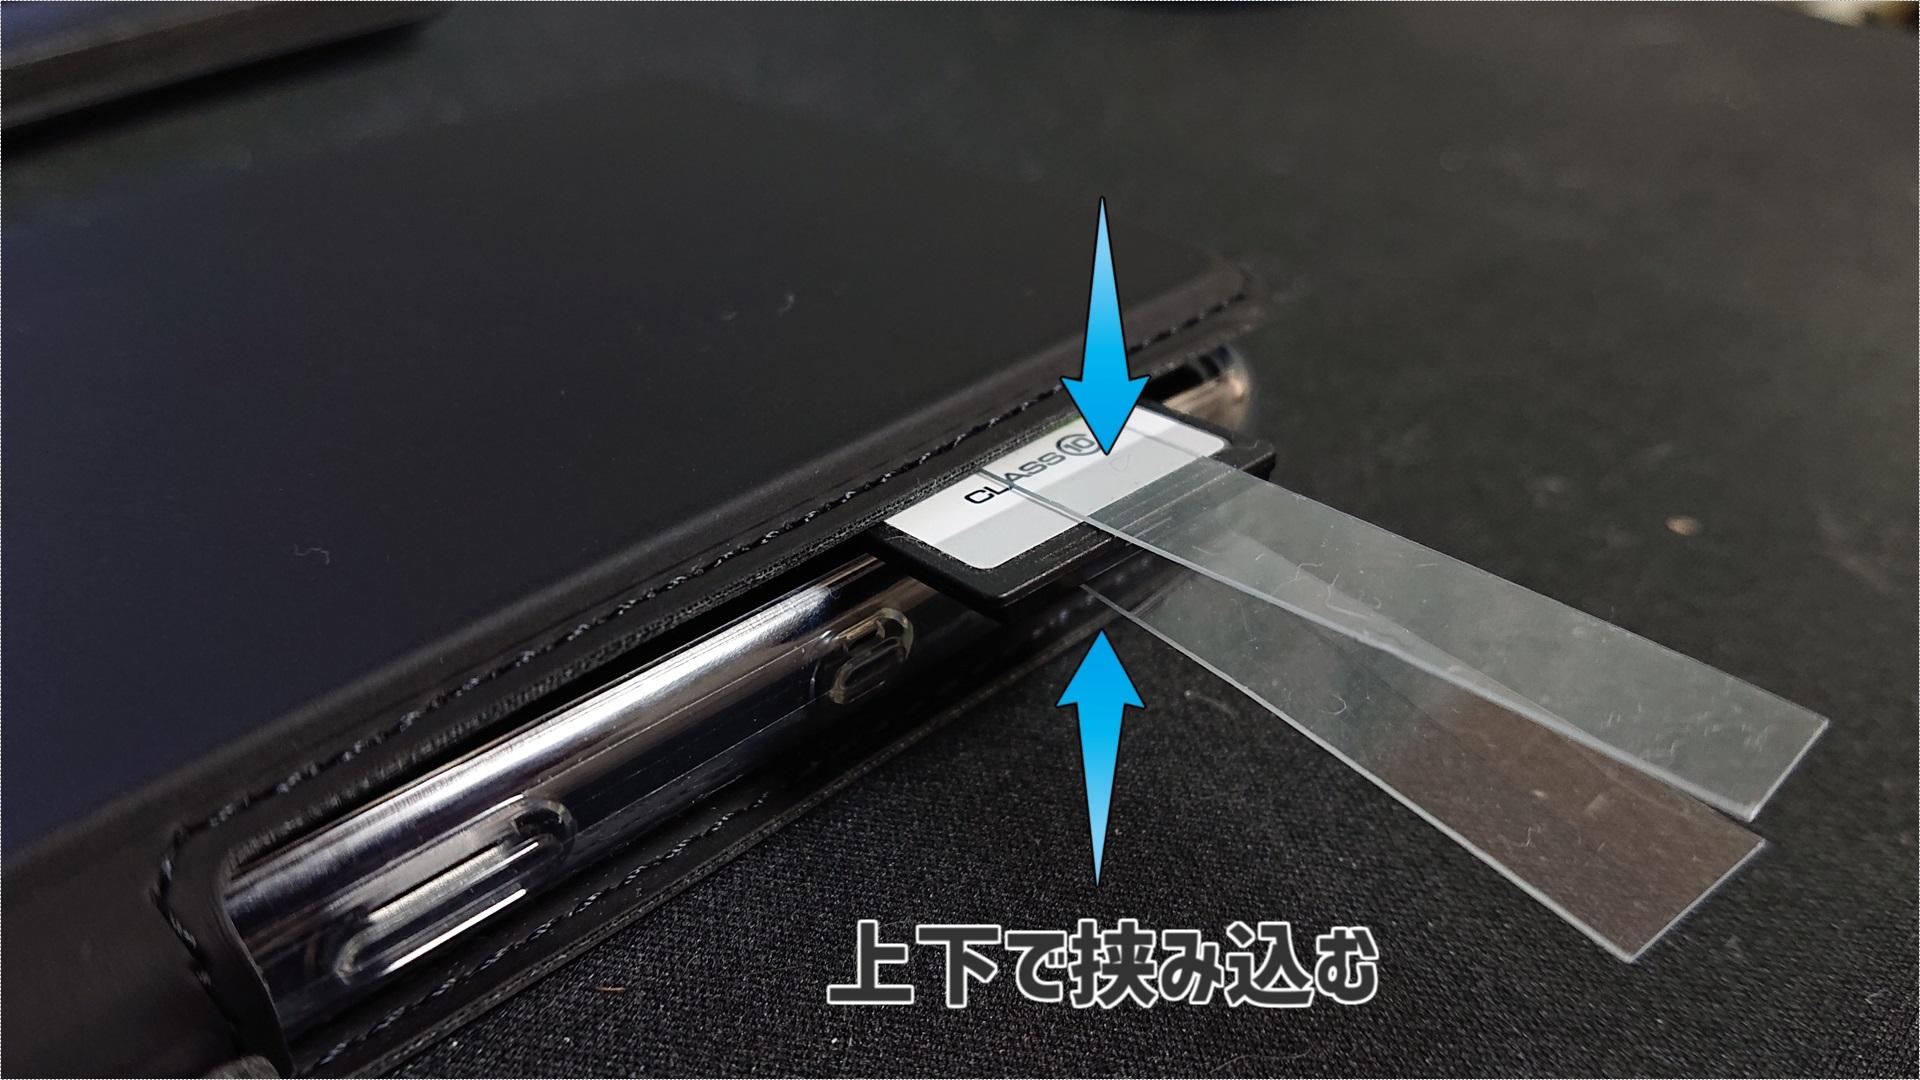 短冊状にカットしたプラスチックを、SDカードの上下から挟み込んでください。SDカードの奥行分程度差し込むと良いです。